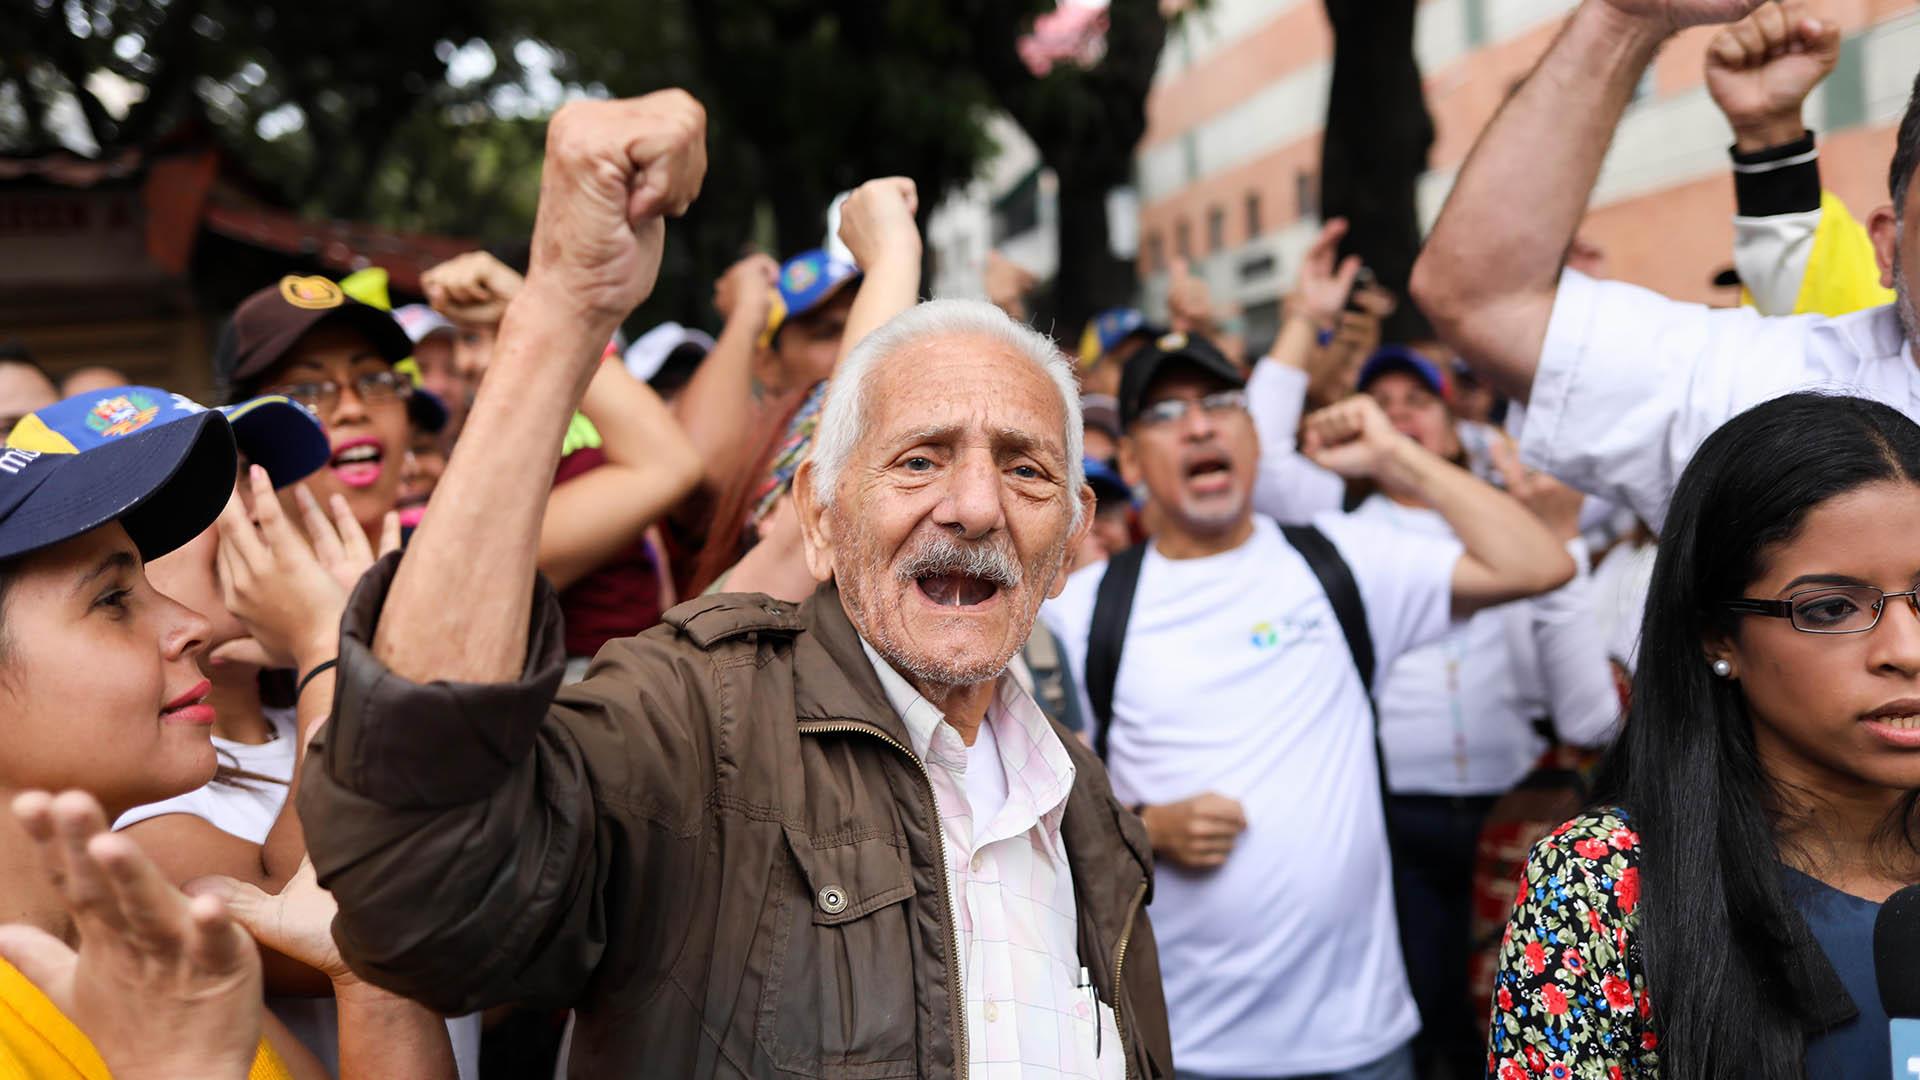 En vísperas de las marchas, decenas de pequeñas protestas y disturbios ocurrieron en Caracas y sus cercanías. La noche del martes tanquetas antimotines recorrieron sectores de la capital